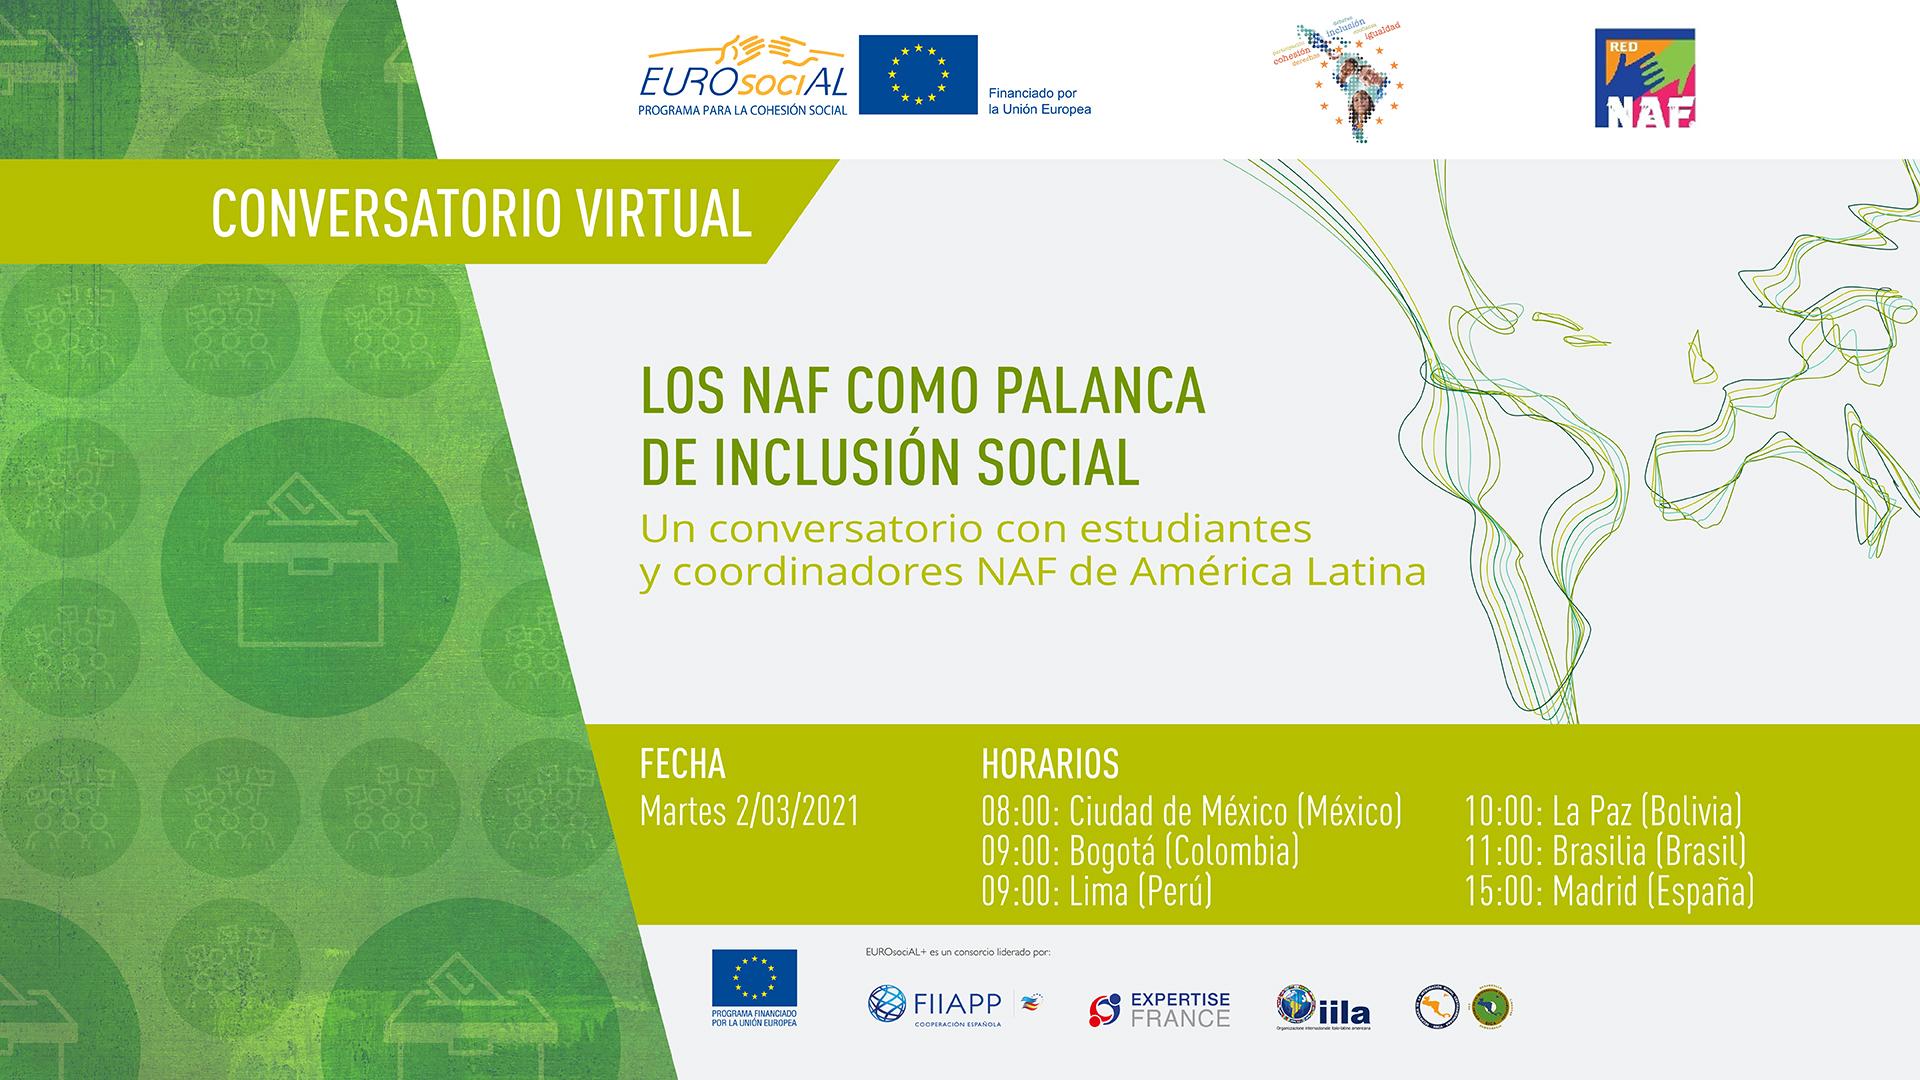 Los NAF como palanca de inclusión social. Un conversatorio con estudiantes y coordinadores NAF de América Latina